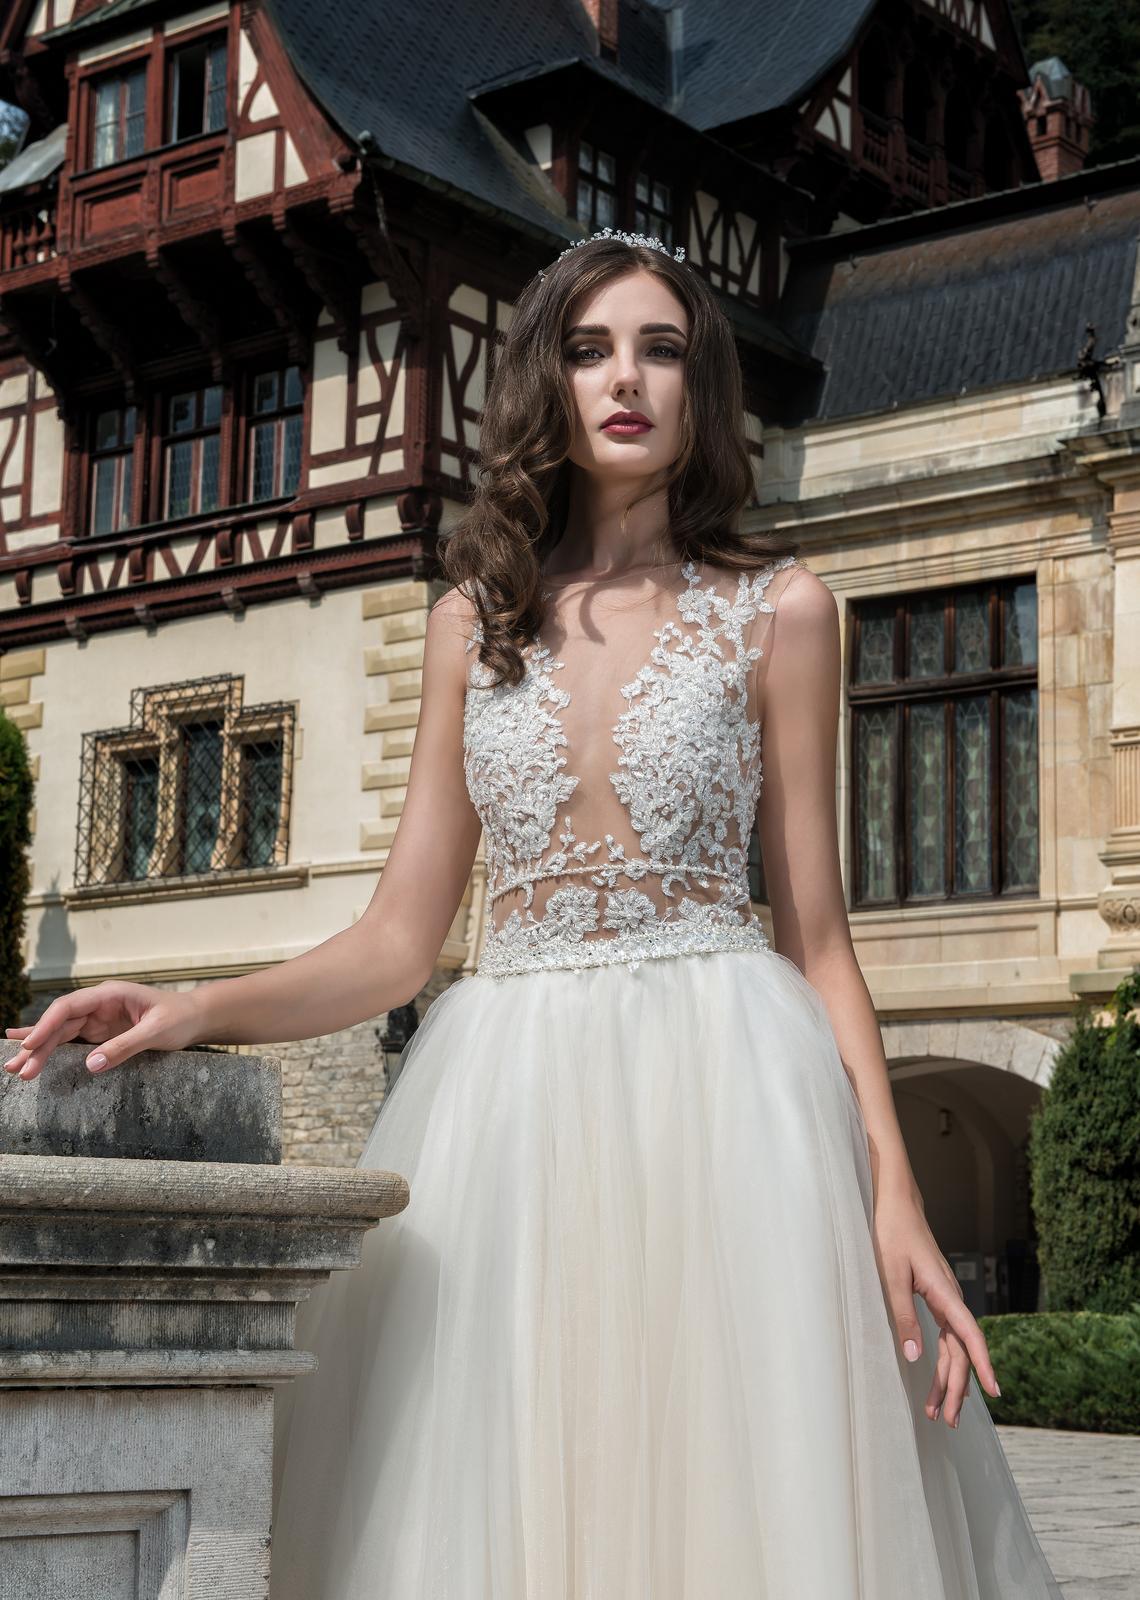 Sexi svadobné šaty vo farbe ivory/šampaň 36/38 - Obrázok č. 1